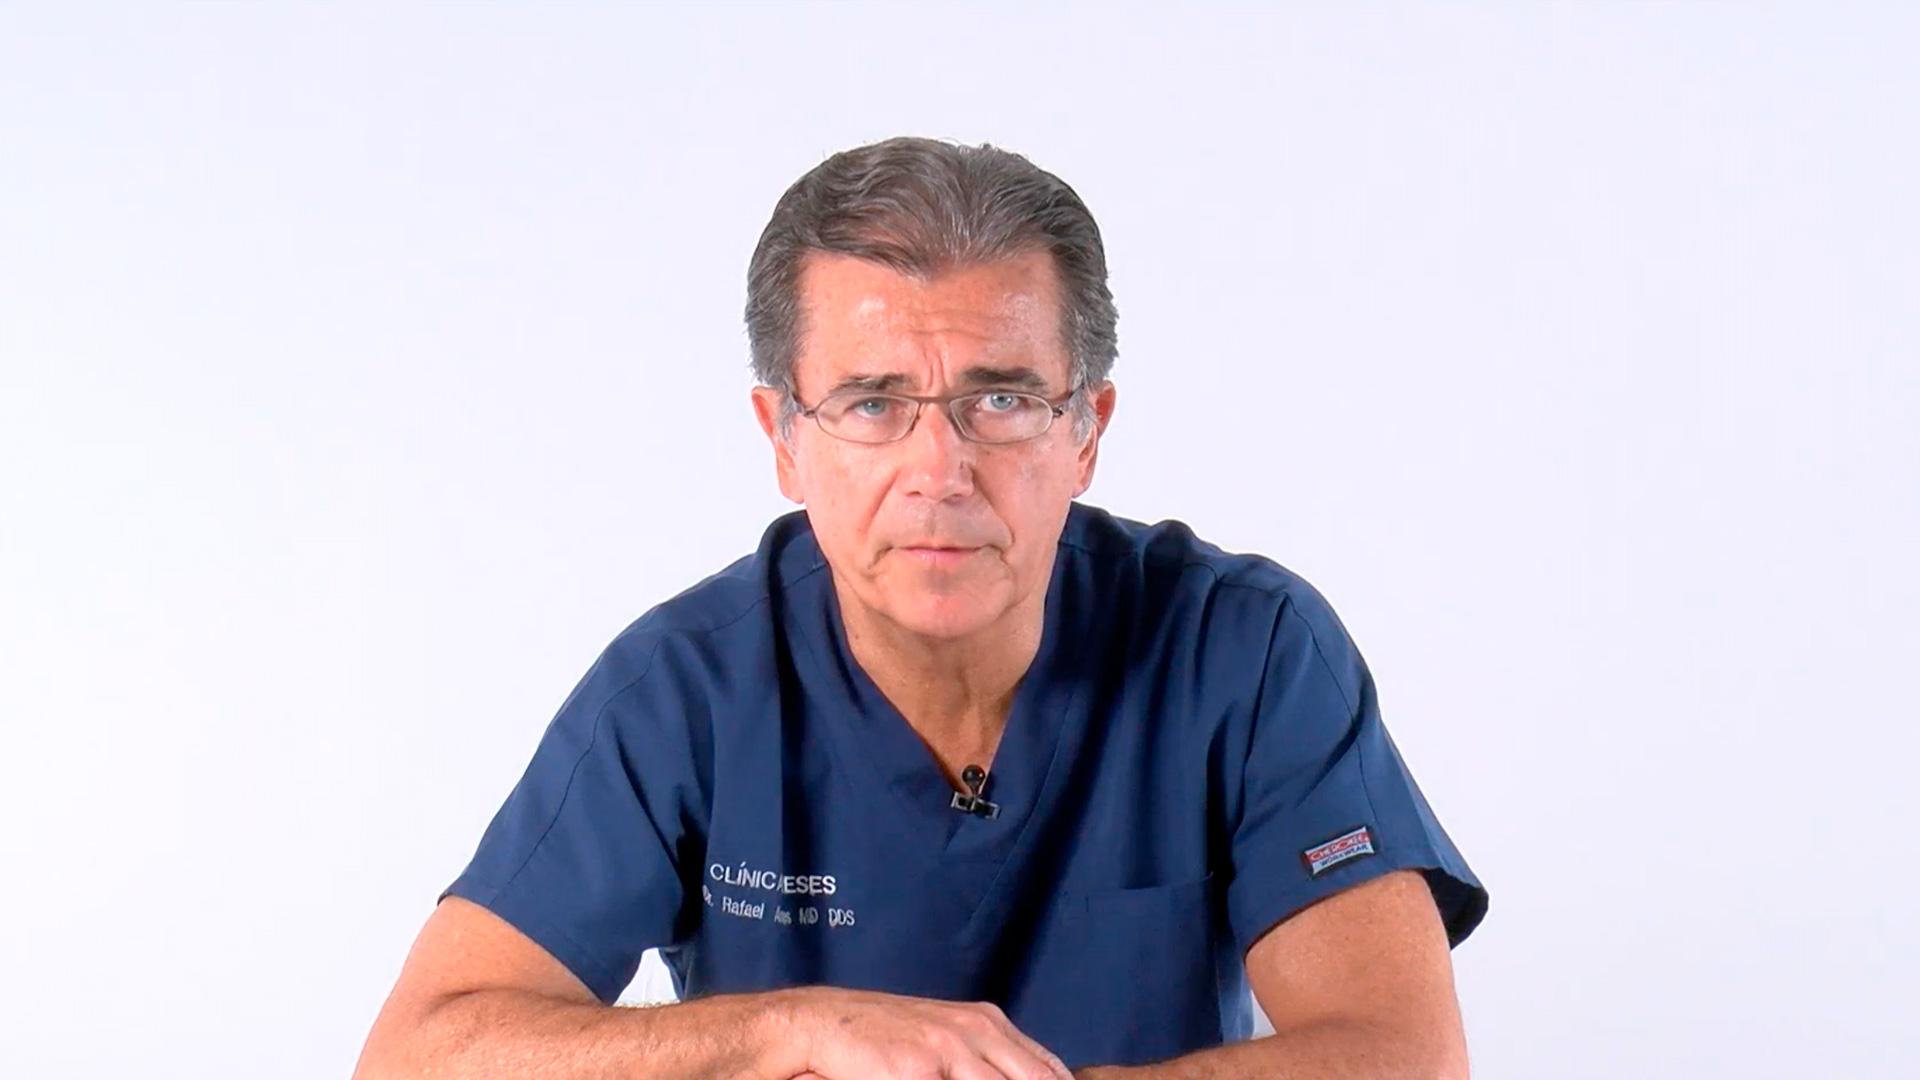 La masterclass de odontología Implantología inmediata: presentación forma parte de nuestro catálogo de masterclass de Knotgroup Dental Institute